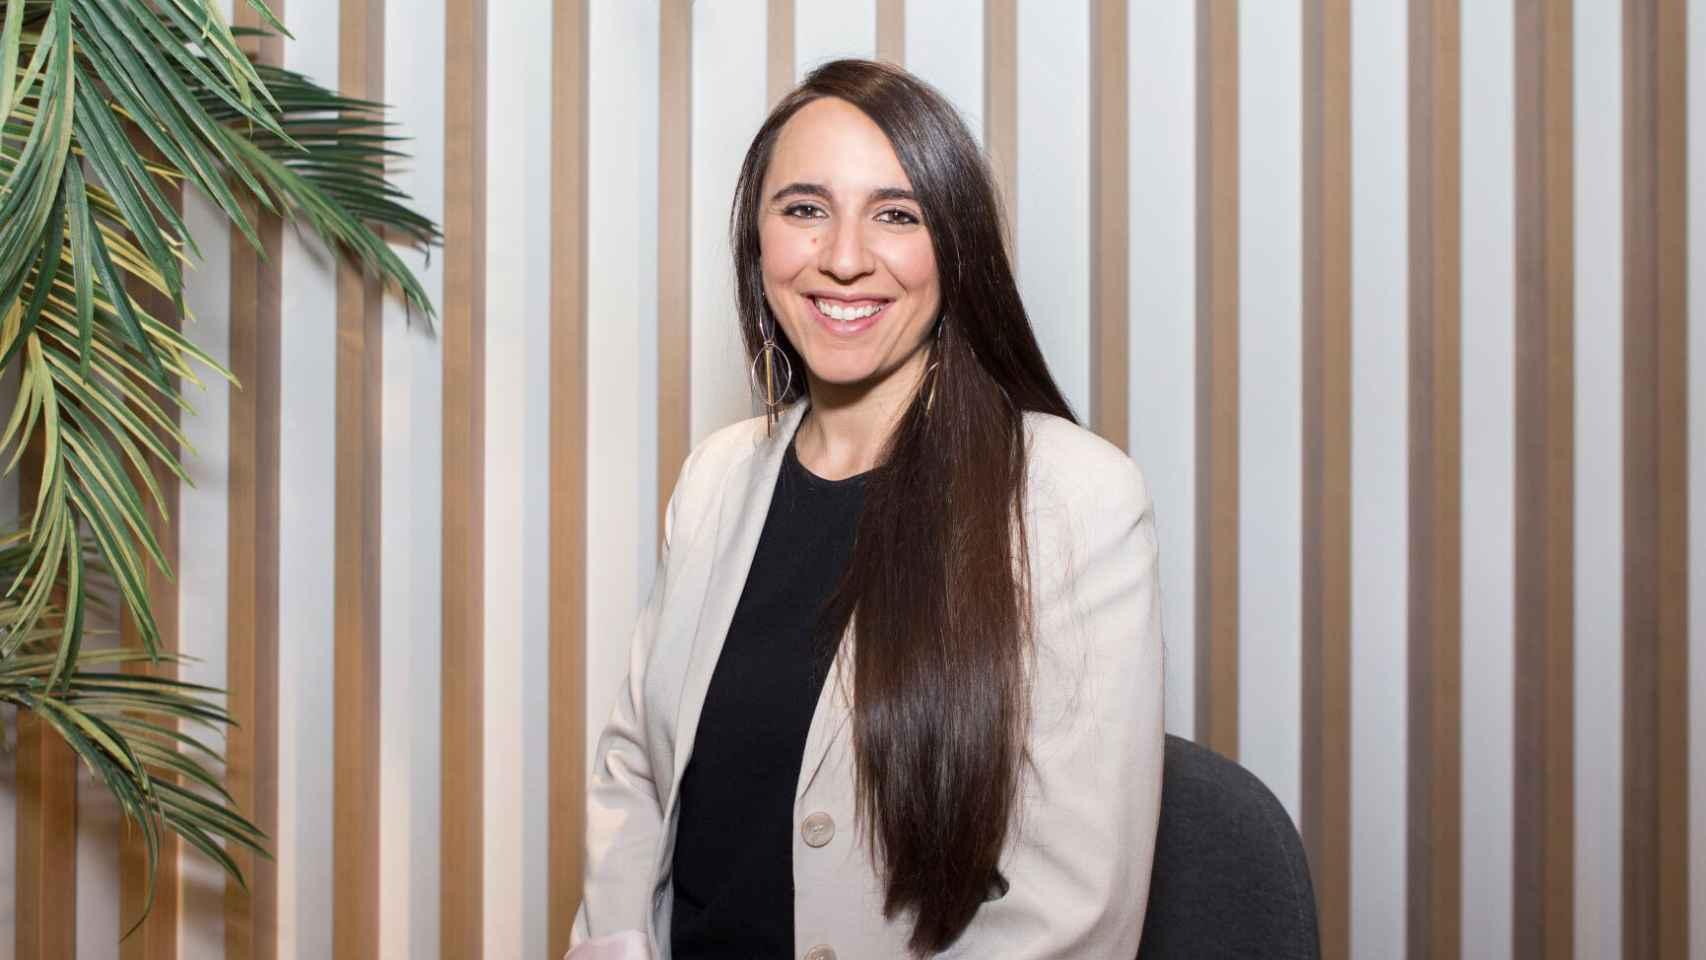 Claudia Gómez es la CEO y fundadora de la startup de innovación social Senniors.